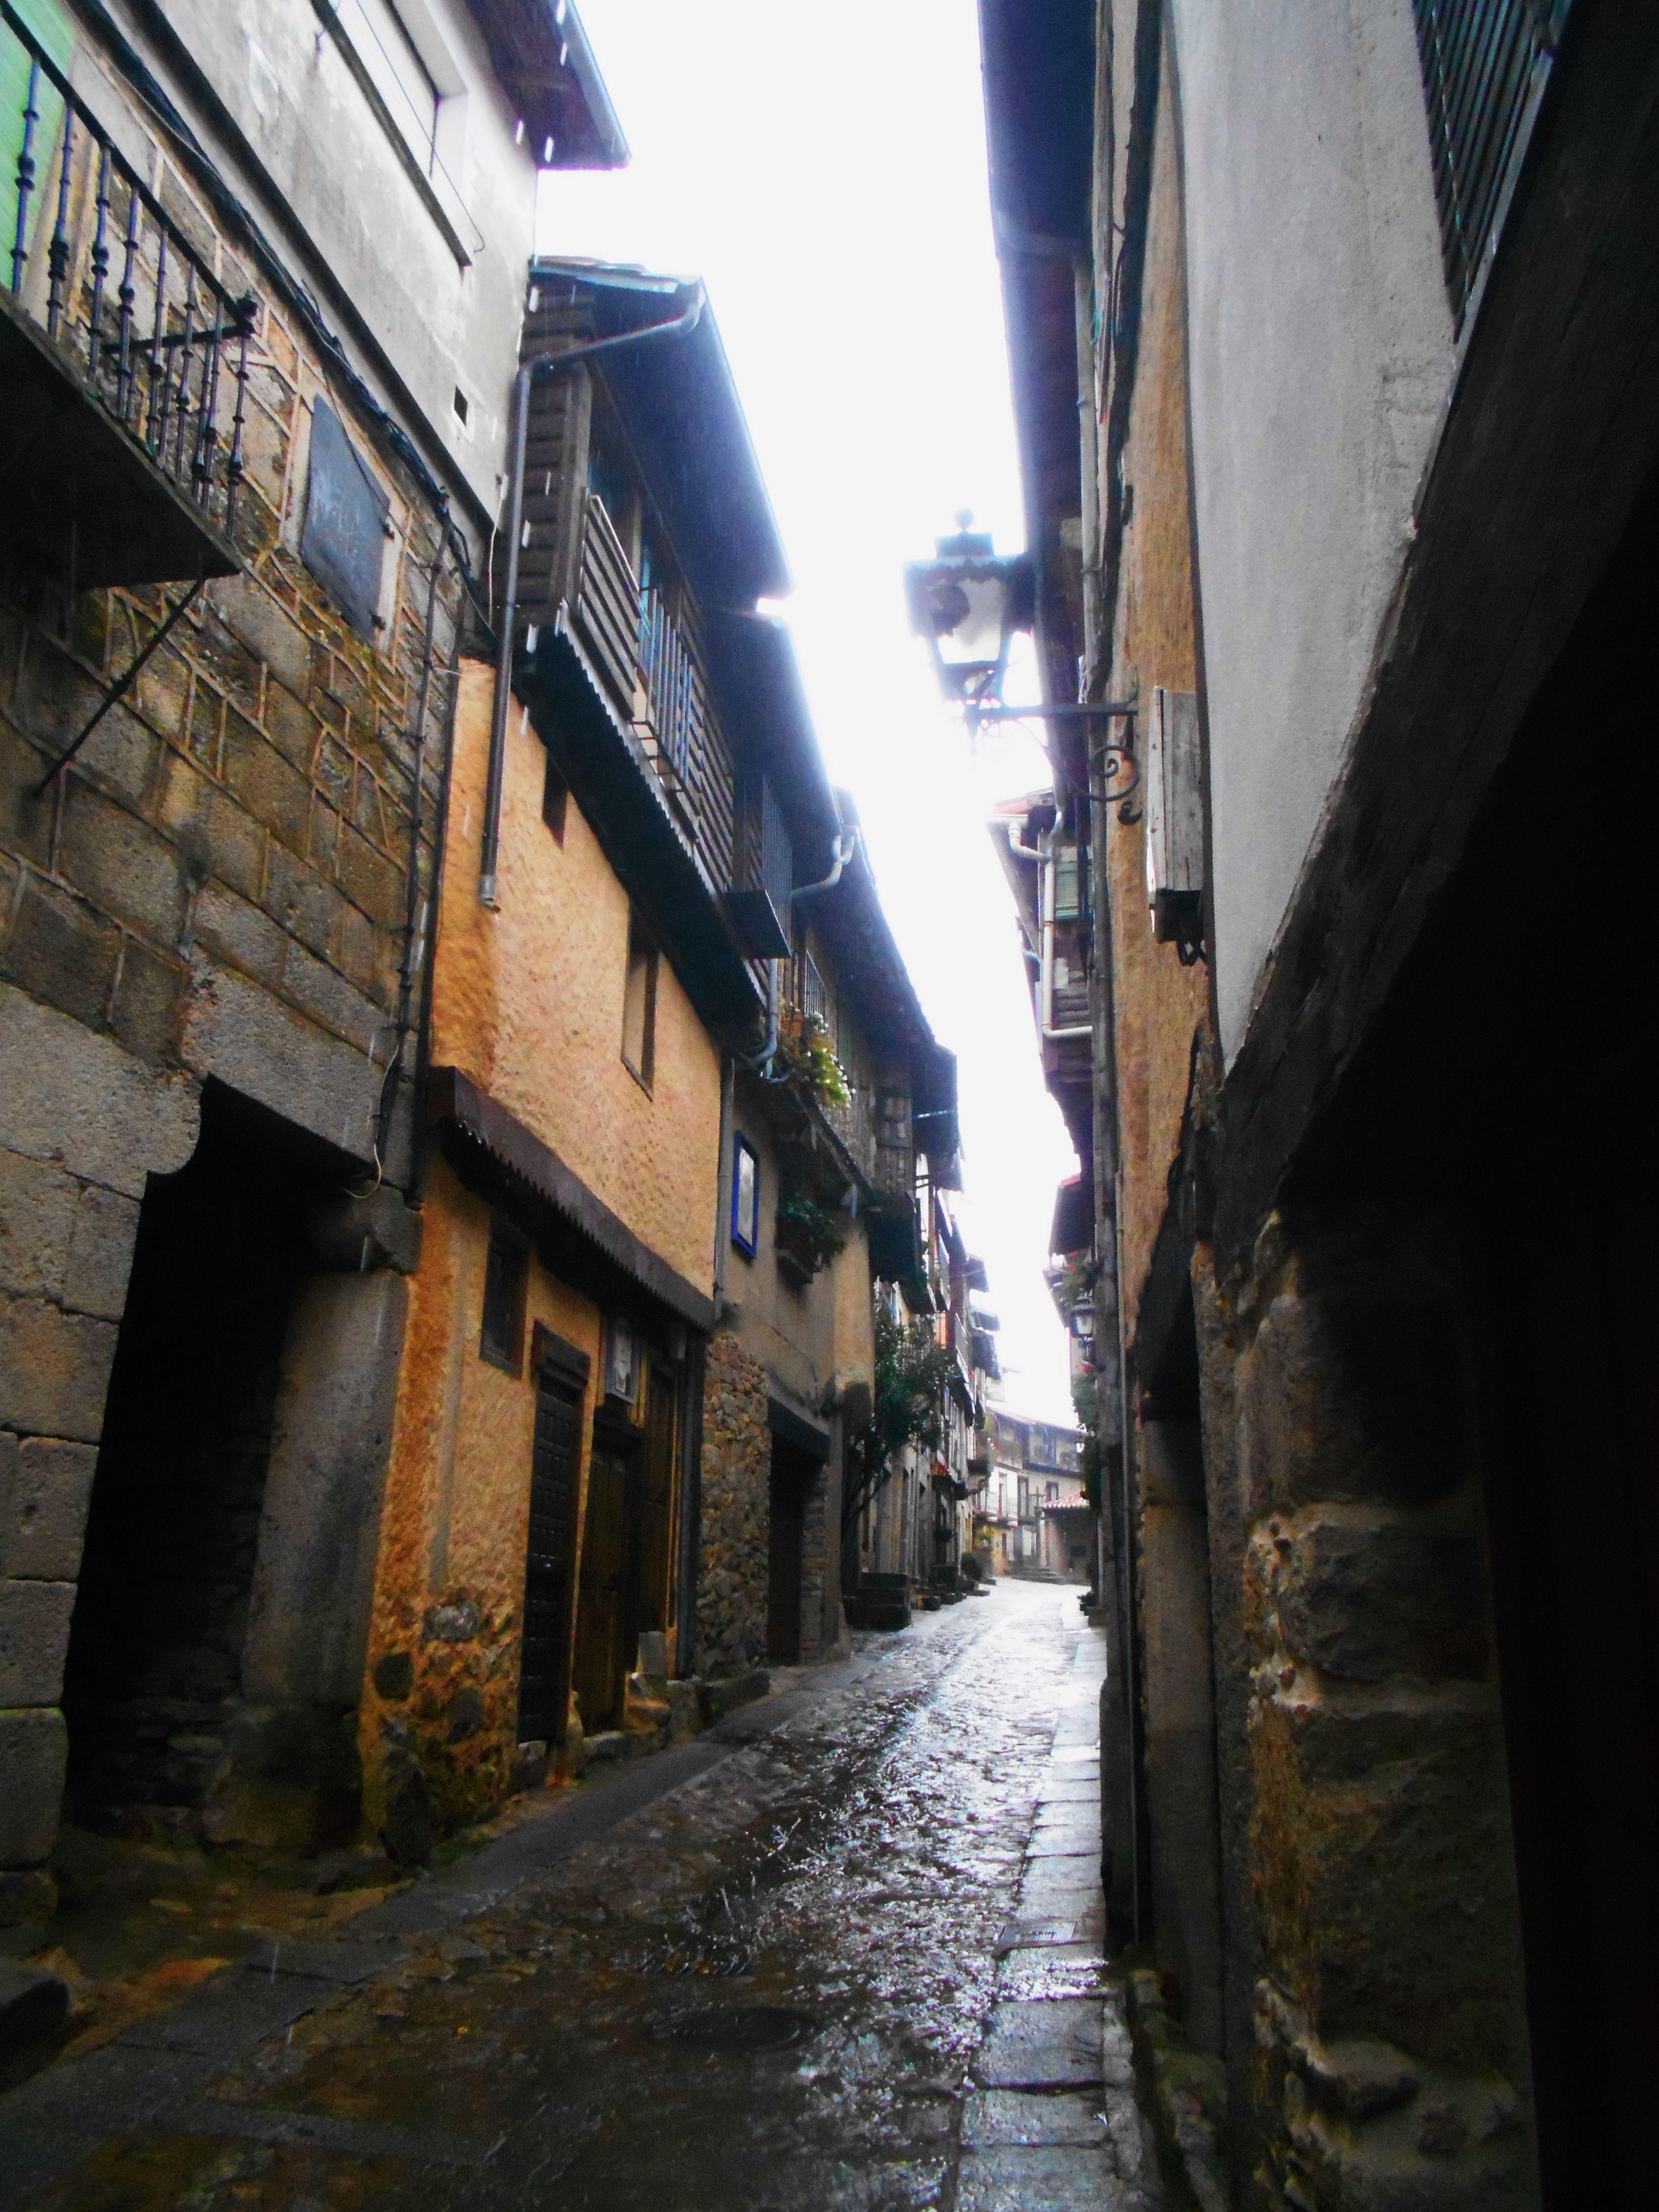 Calle Miguel Angel Maillo. Este fue alcalde de Mogarraz entre 1991-98 y hermano de Florencio, el pintor.